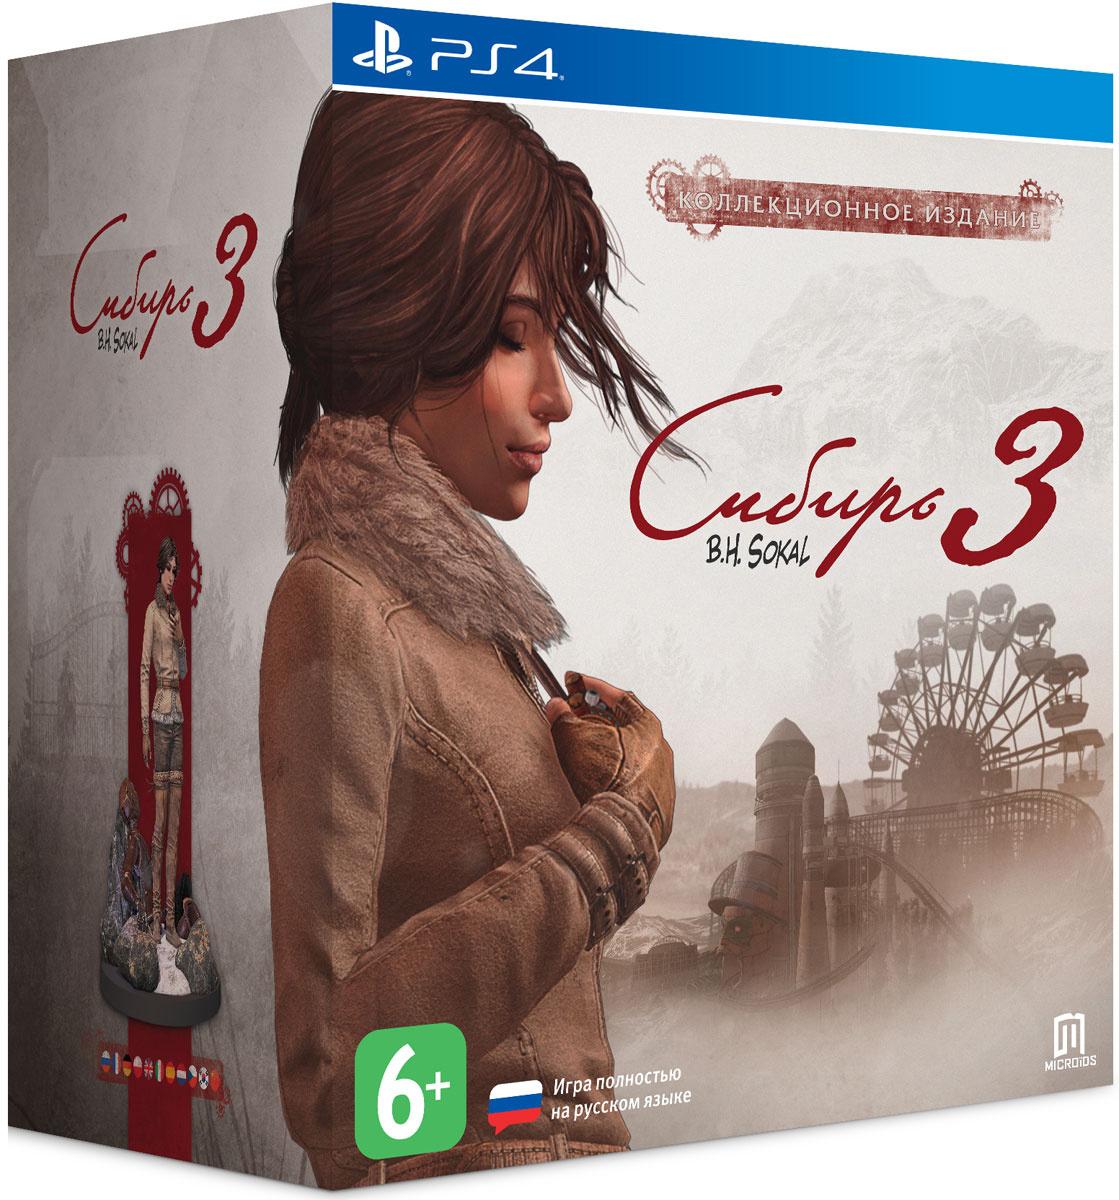 Игра Сибирь 3. Коллекционное издание (PlayStation 4, Русская версия)  #1